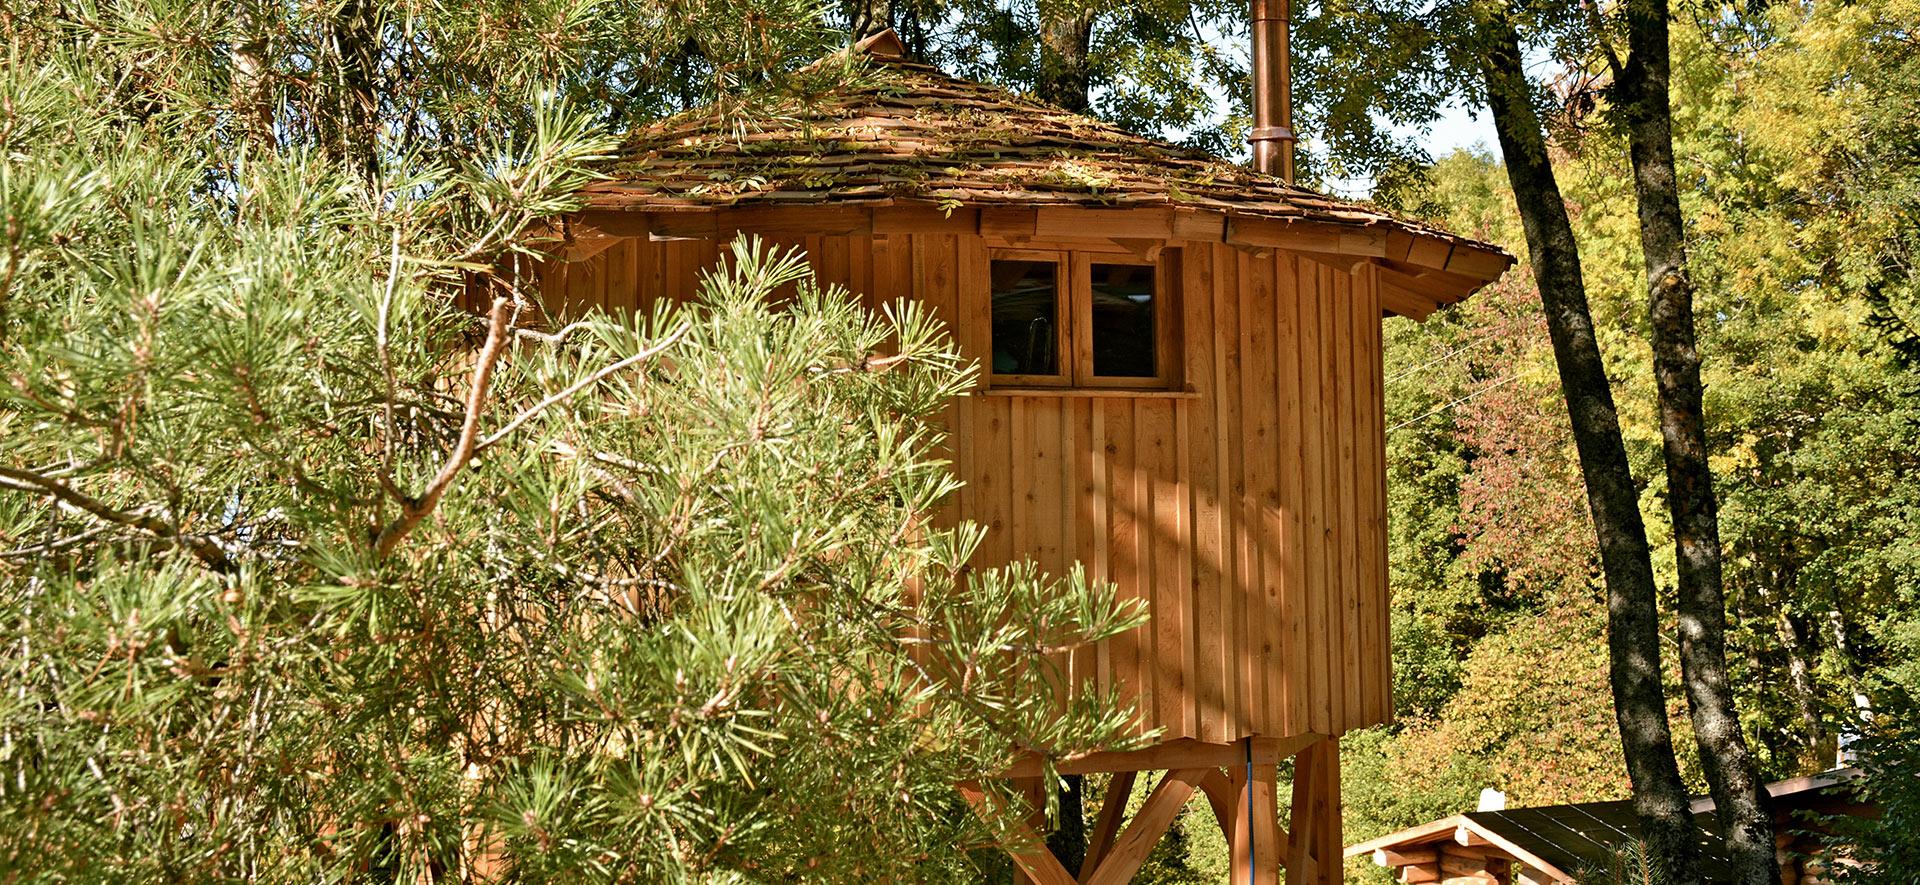 Cabane arbre savoie